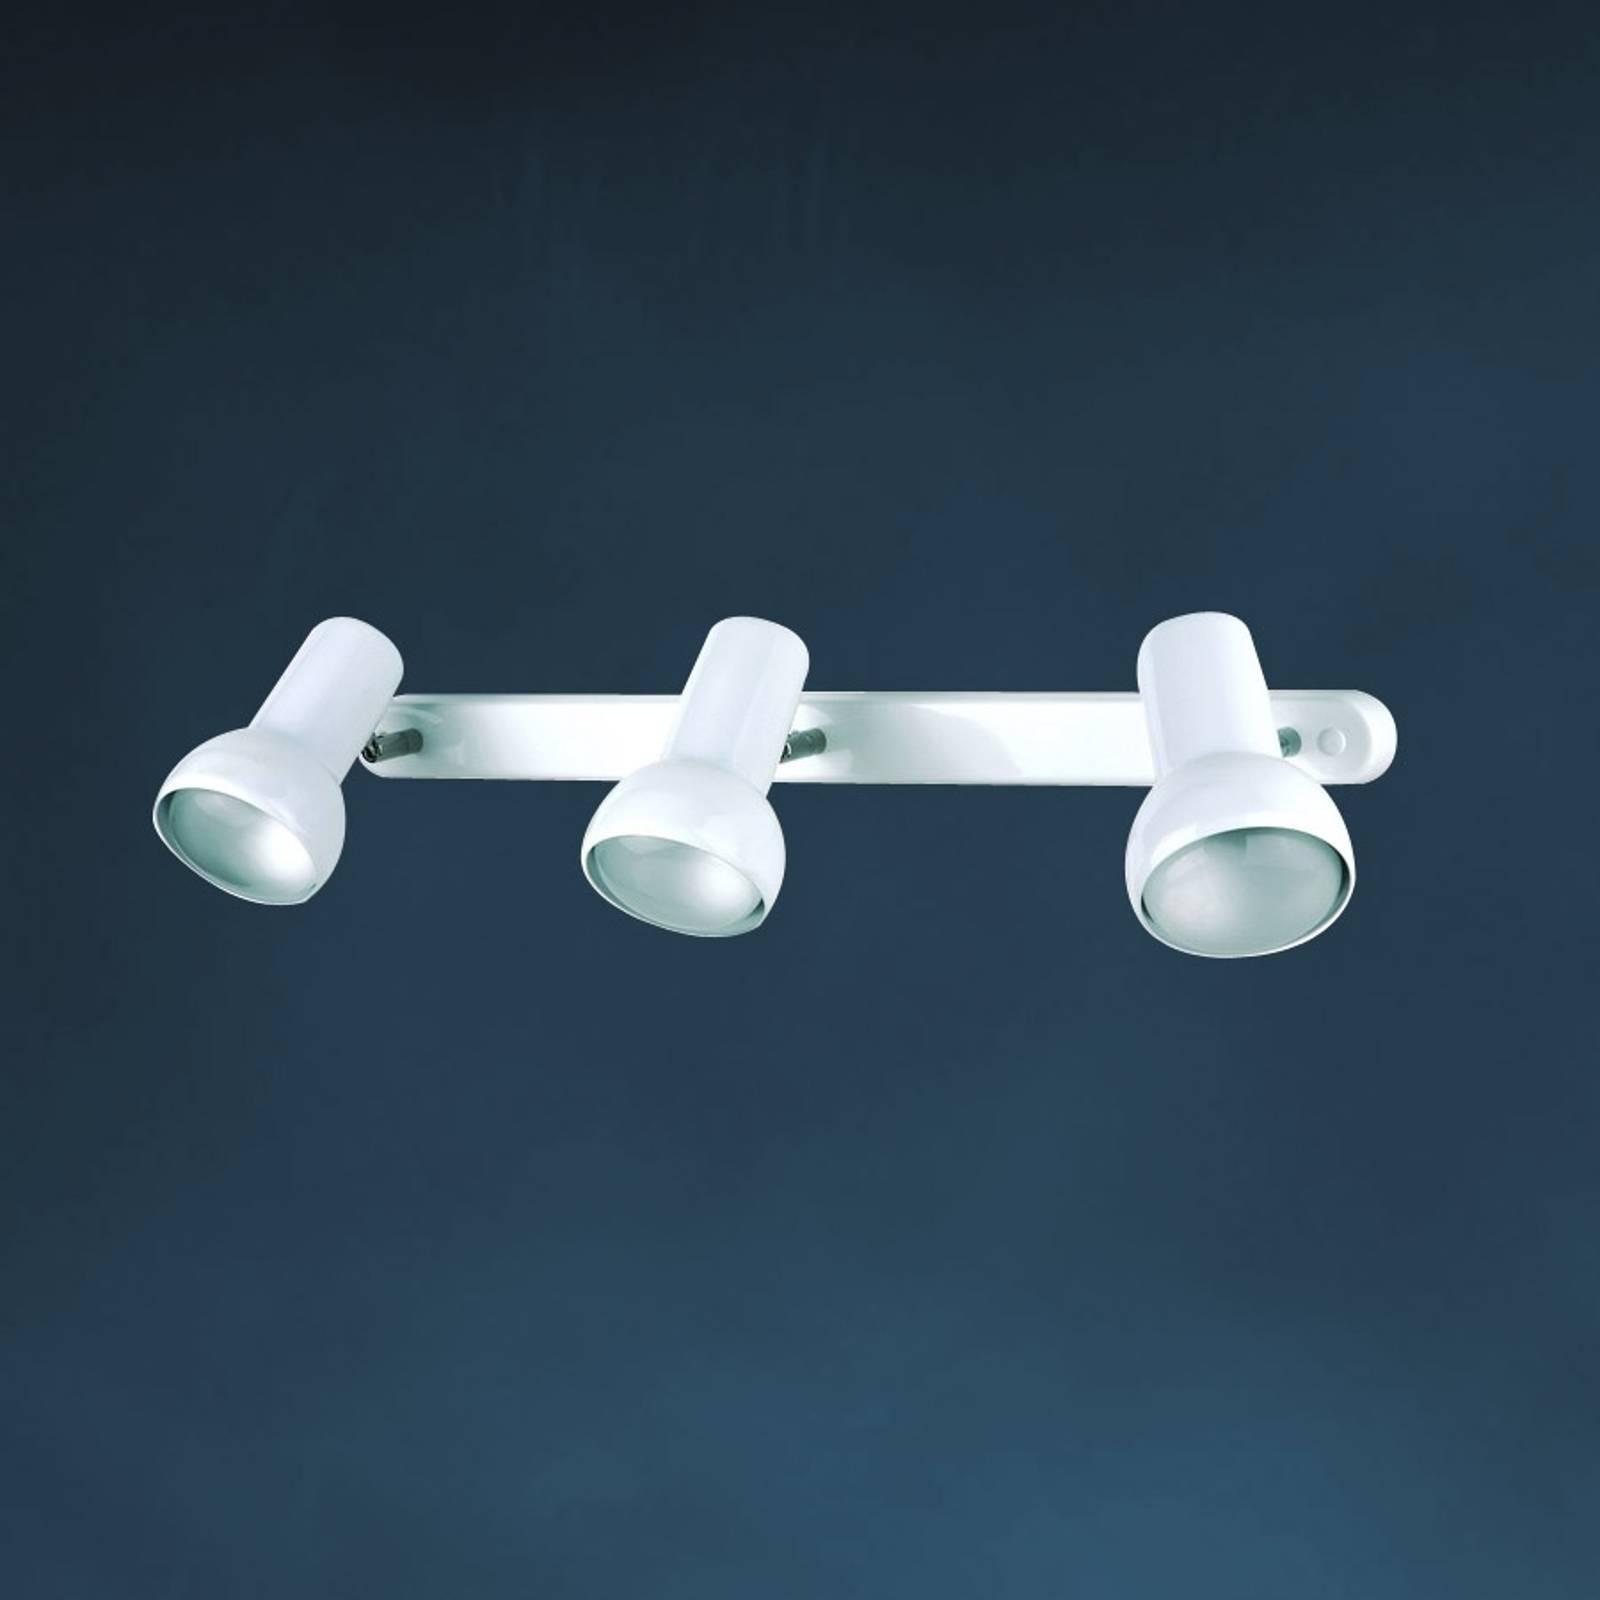 Wandlamp EIFEL, 3-lamps